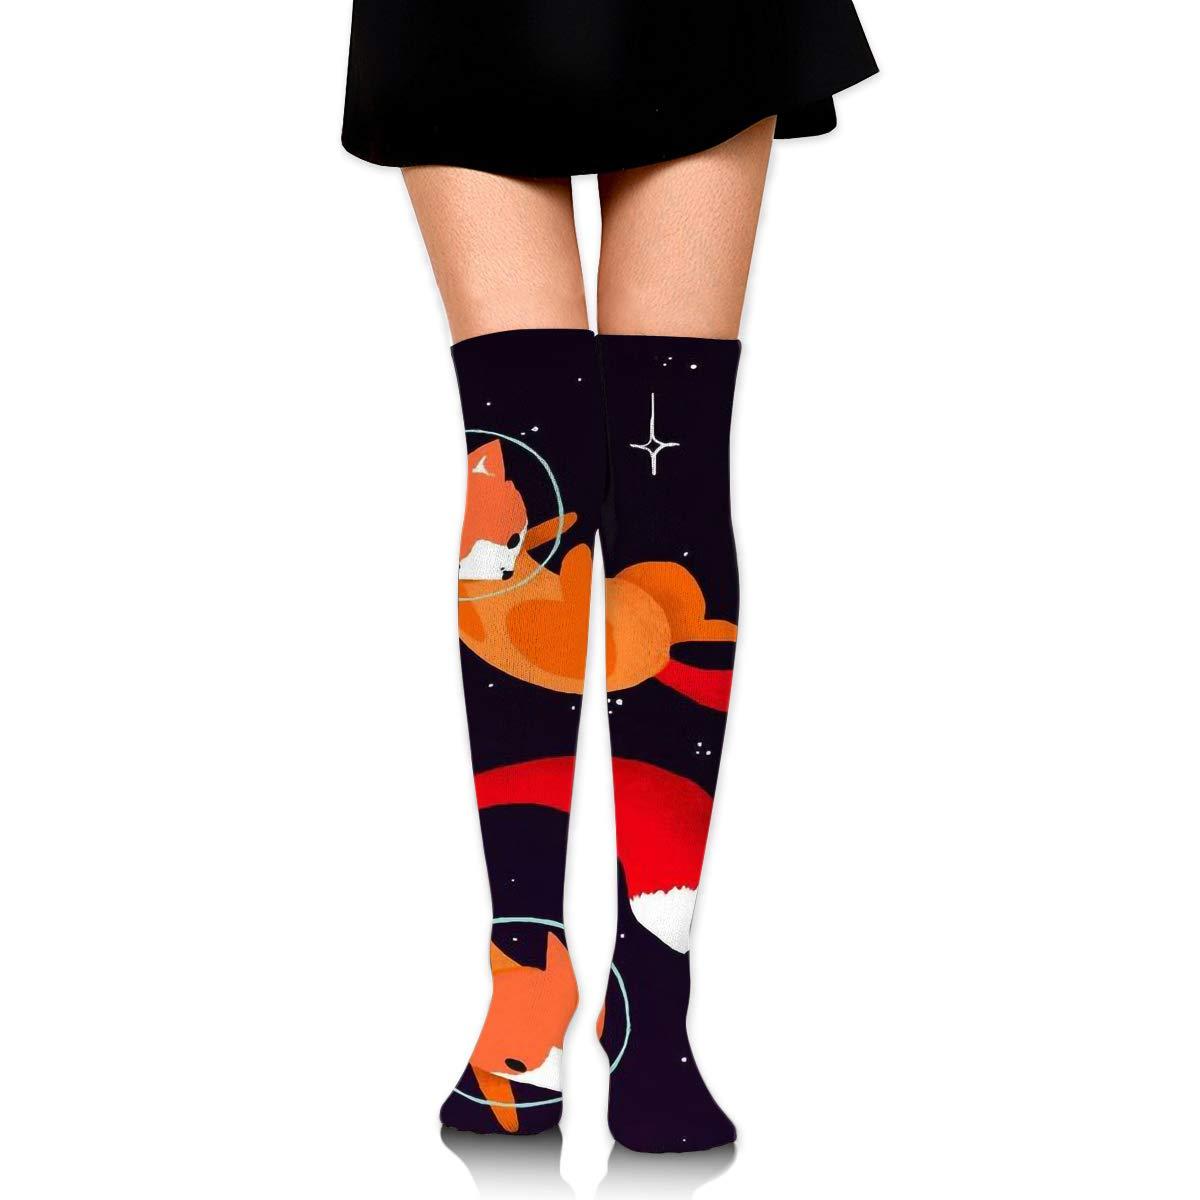 2 Pairs Womens Knee High Socks Fox Long Socks For Women Best For Athletic